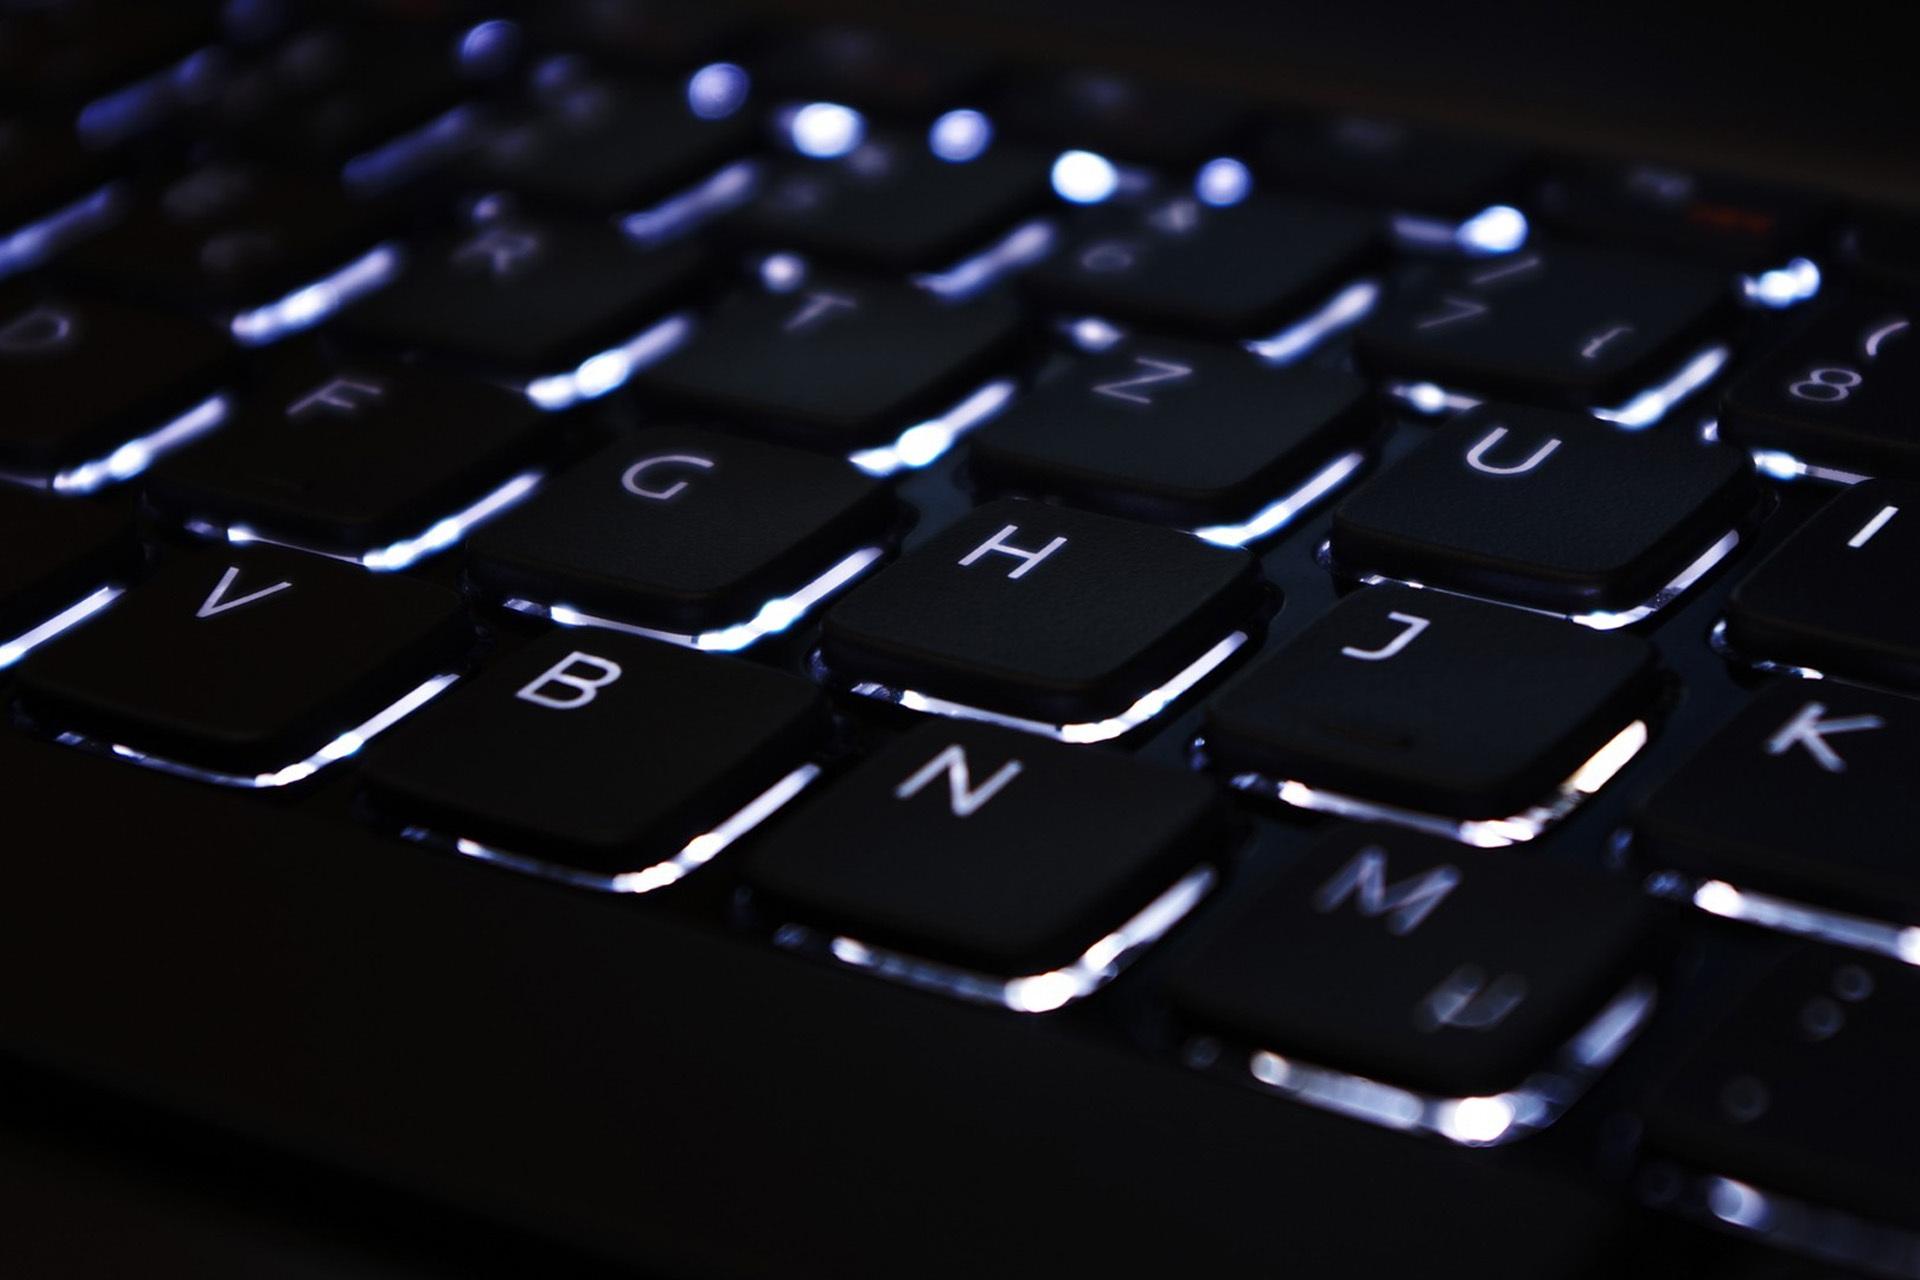 微信小程序与后端SpringBoot通信